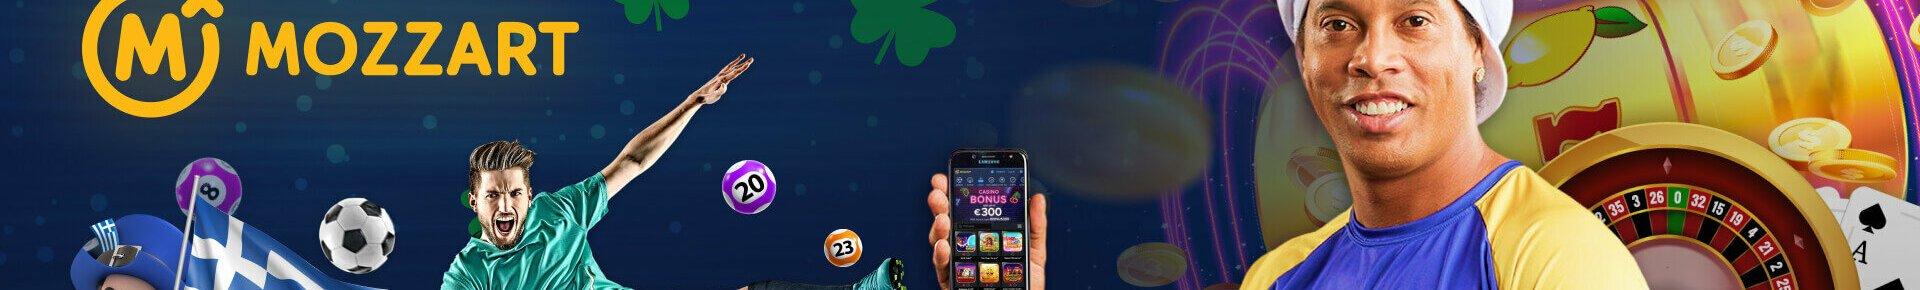 Mozzart  casino review CA